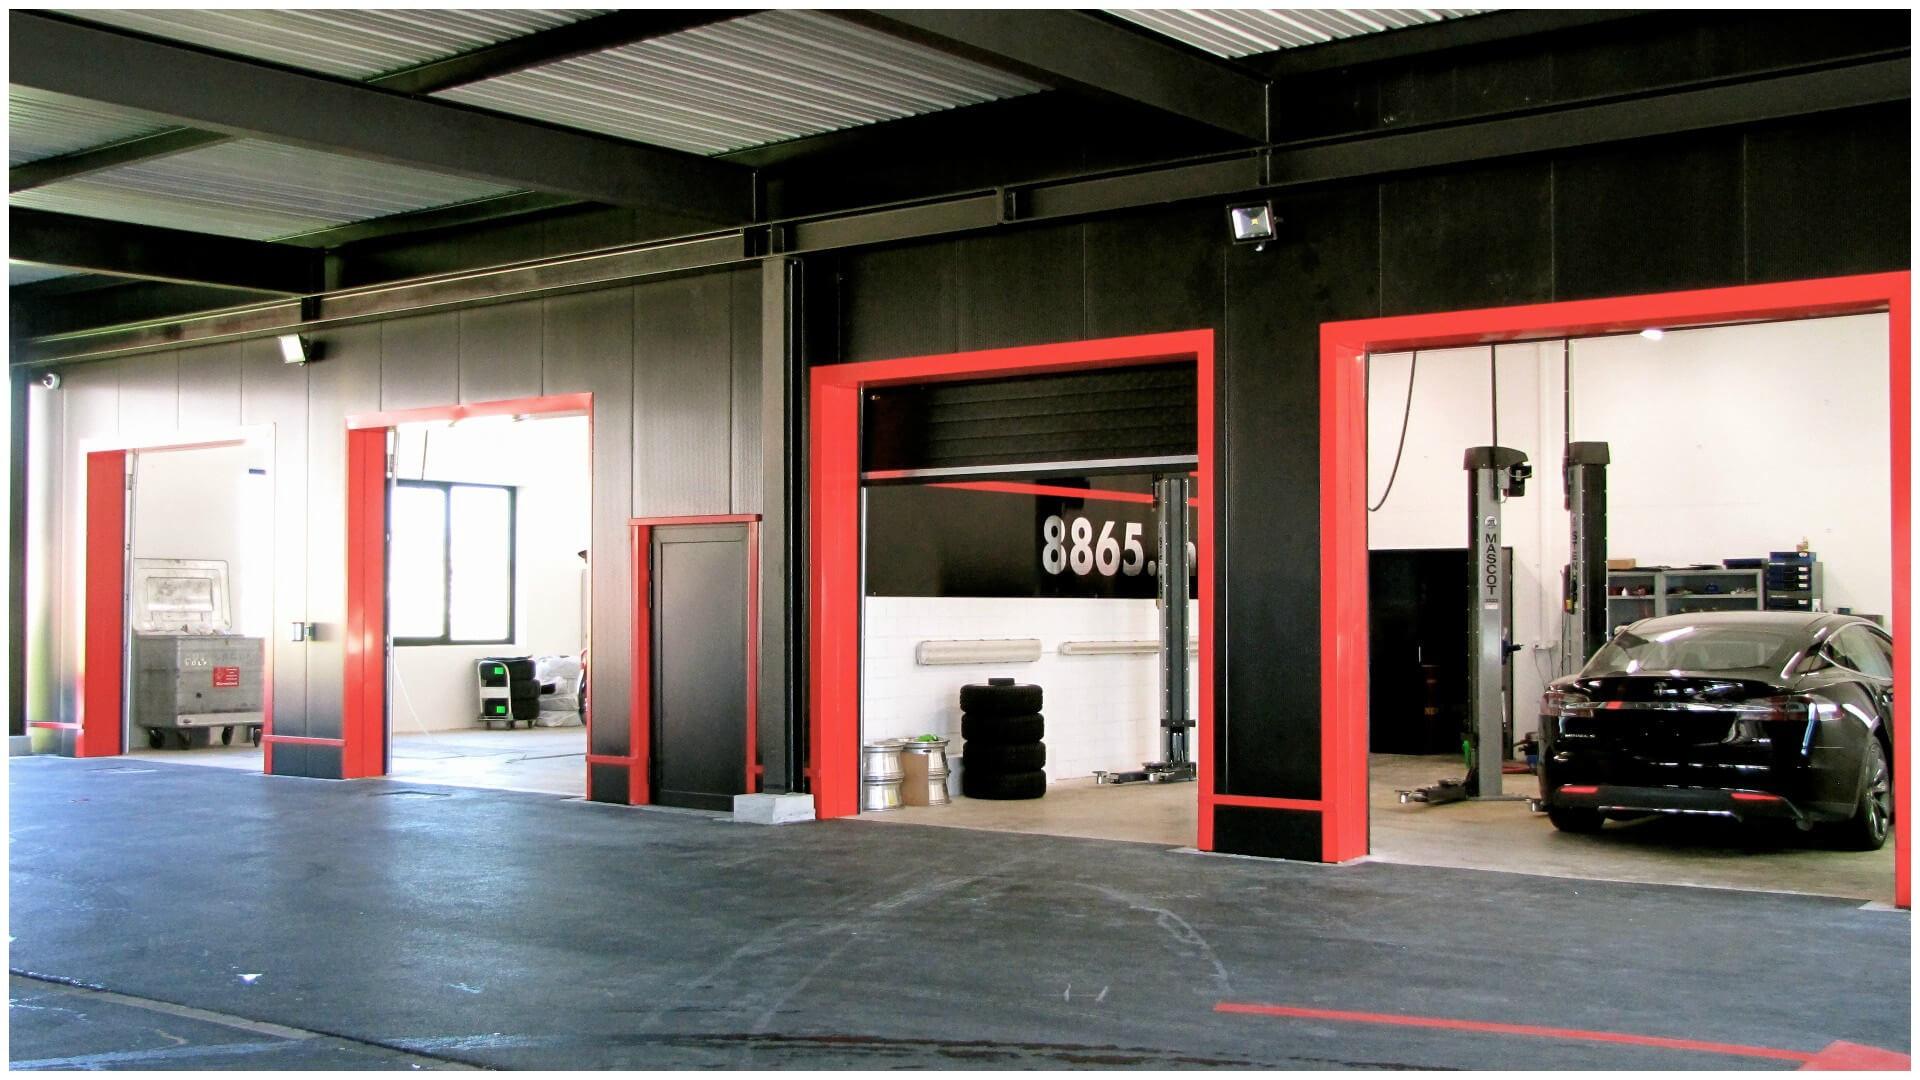 Garage Mieten  Inspirierend Auto Garage Mieten Fotos Von Garage Stil